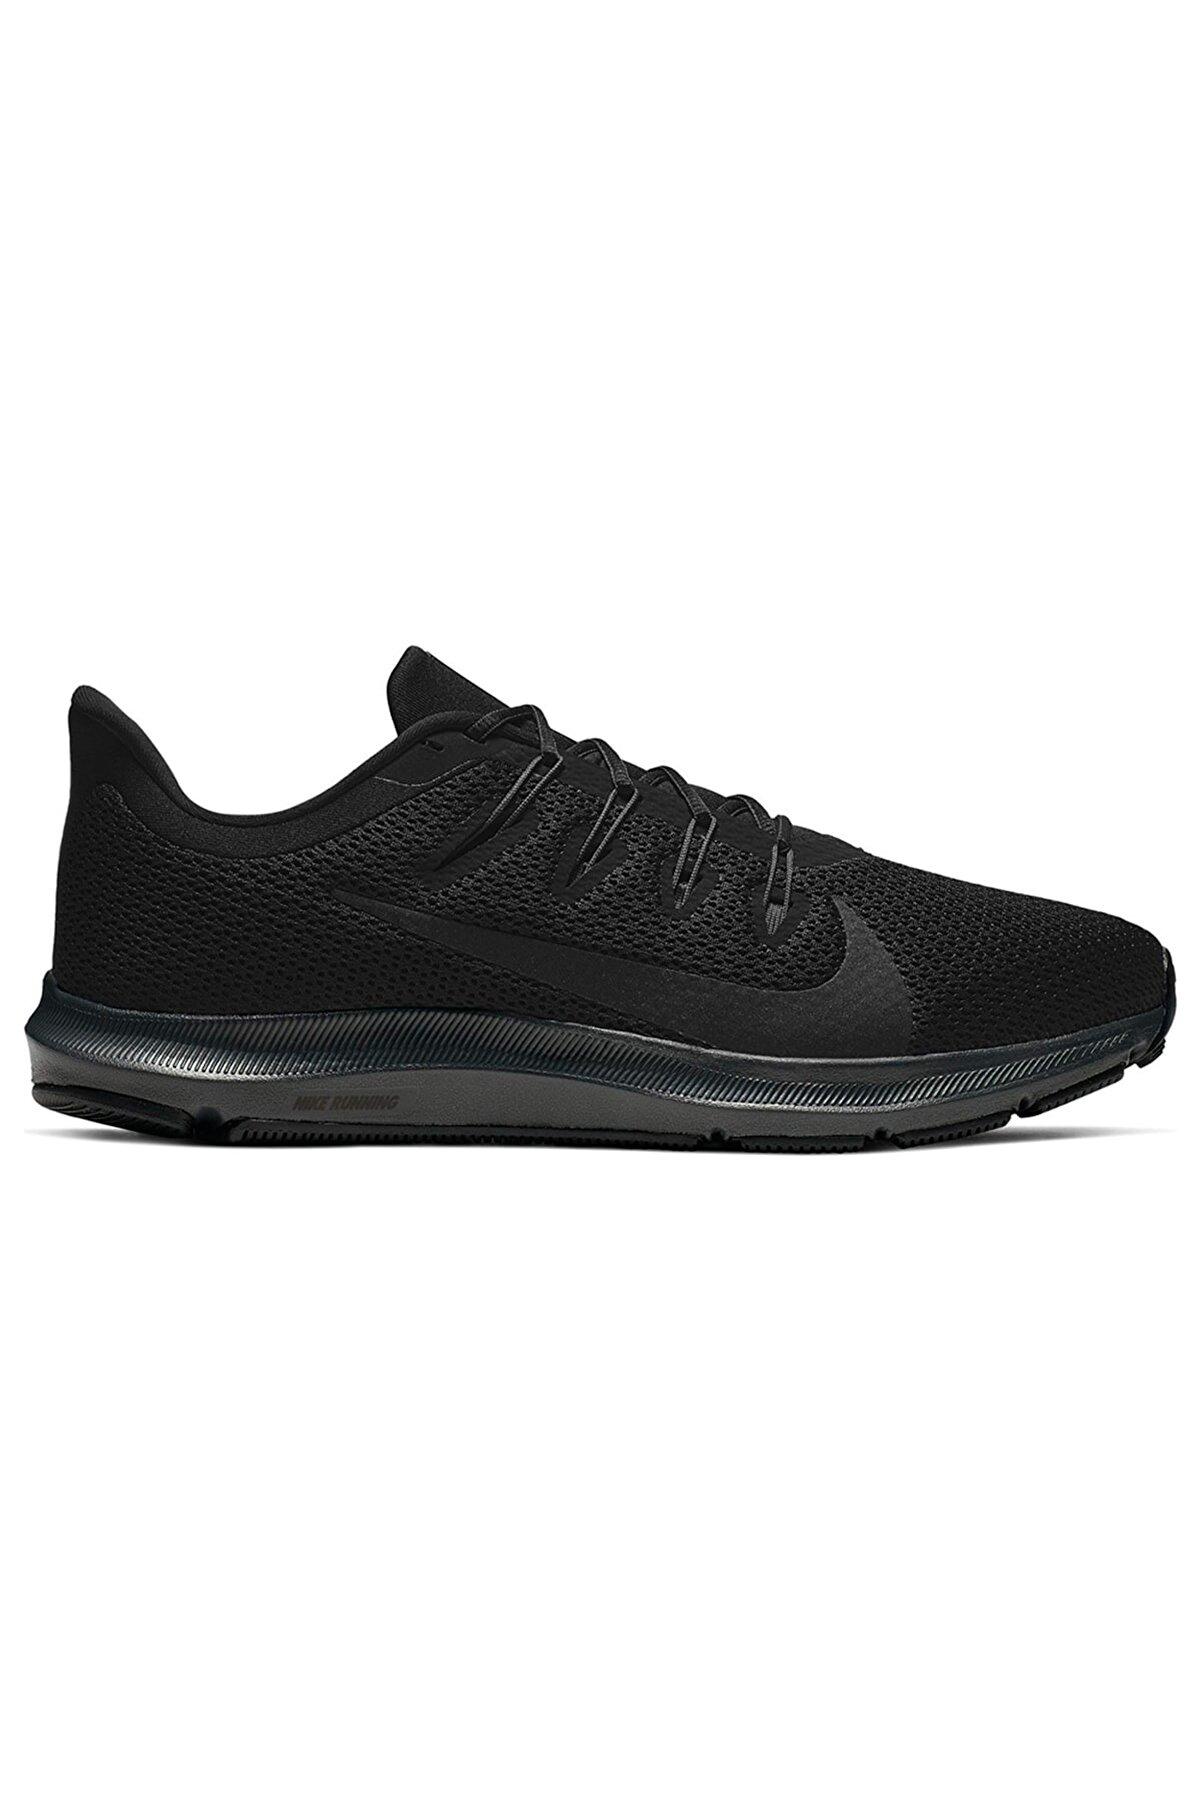 Nike Cı3787-003 Quest Iı Koşu Ayakkabısı